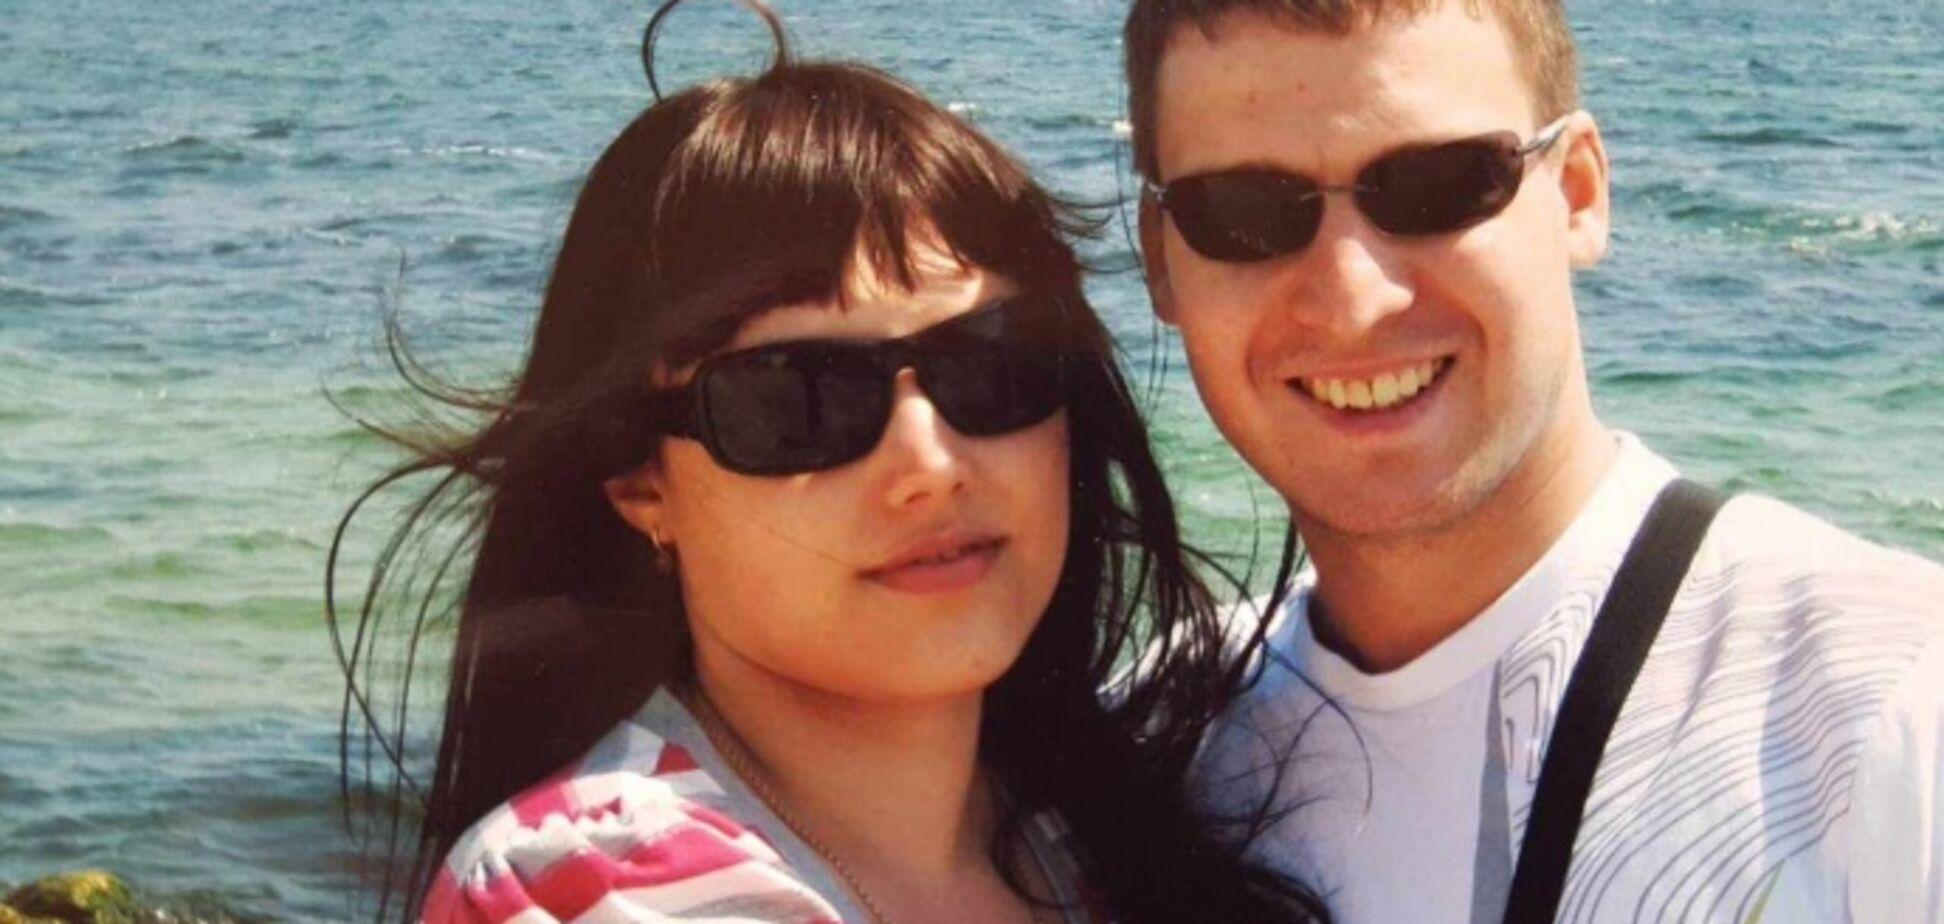 Дело пограничника Колмогорова: потерпевший опроверг резонансную информацию